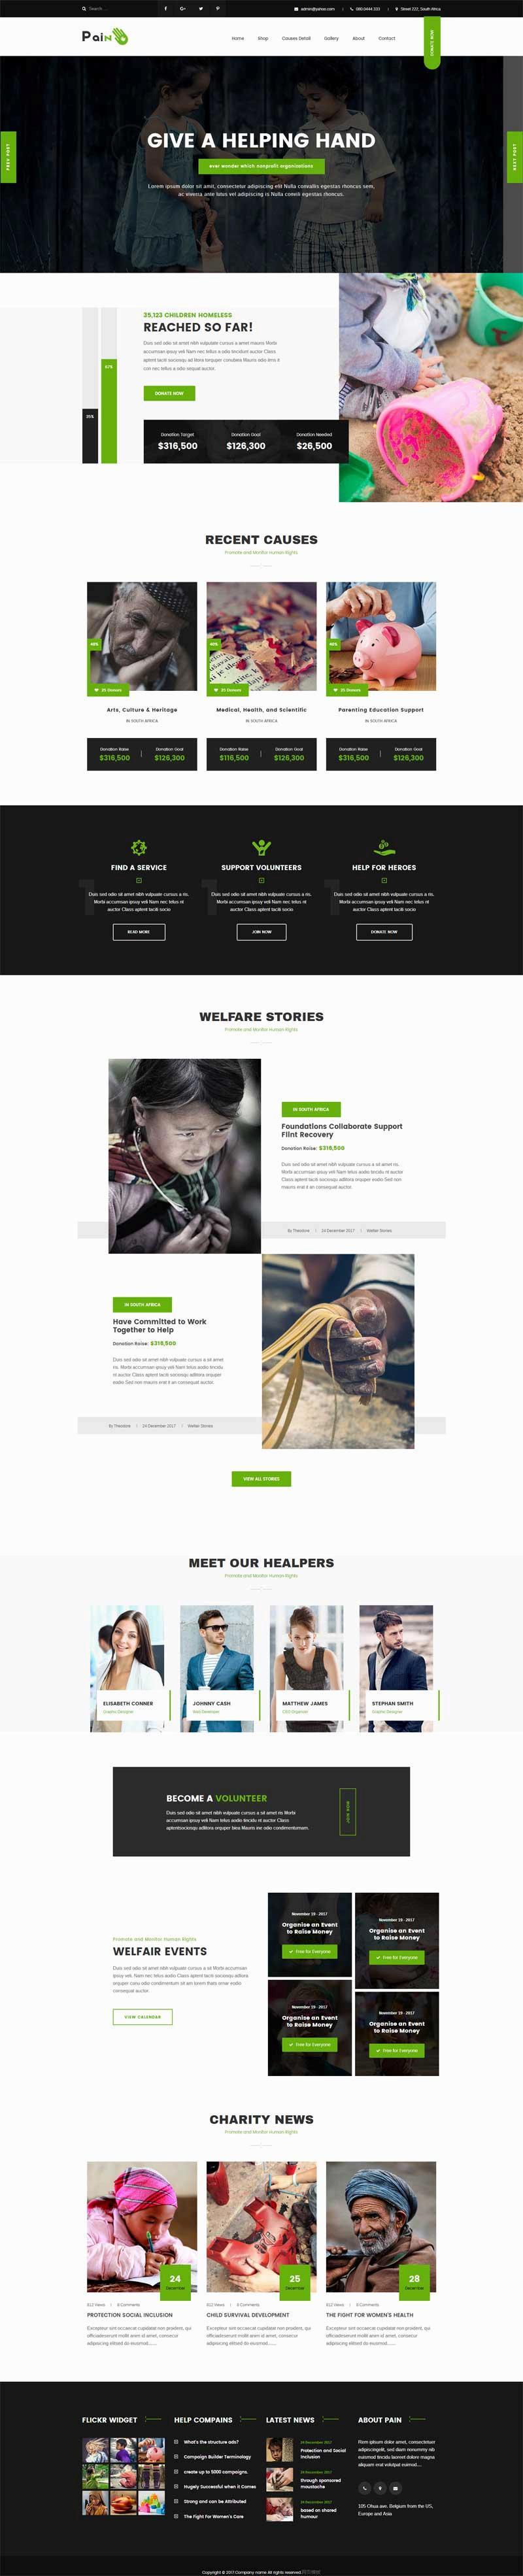 大气的国外公益众筹网平台页面模板html源码